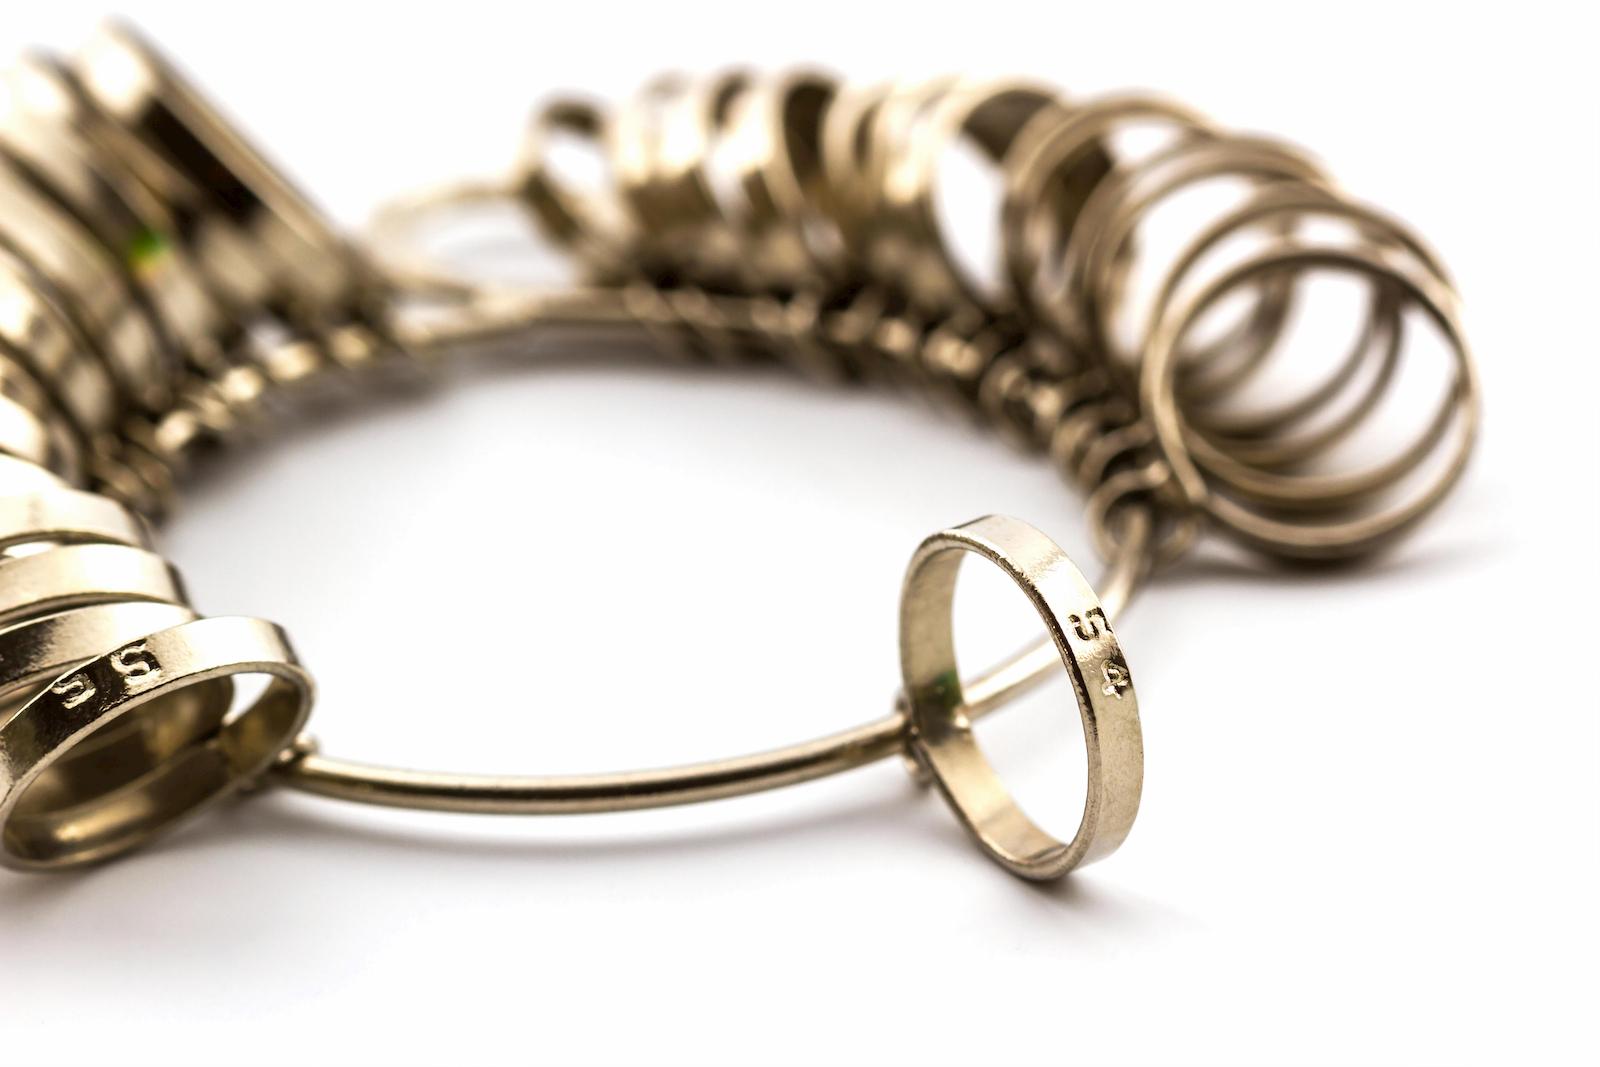 Verschiedene Ringmaße, um Ringgrößen zu bestimmen